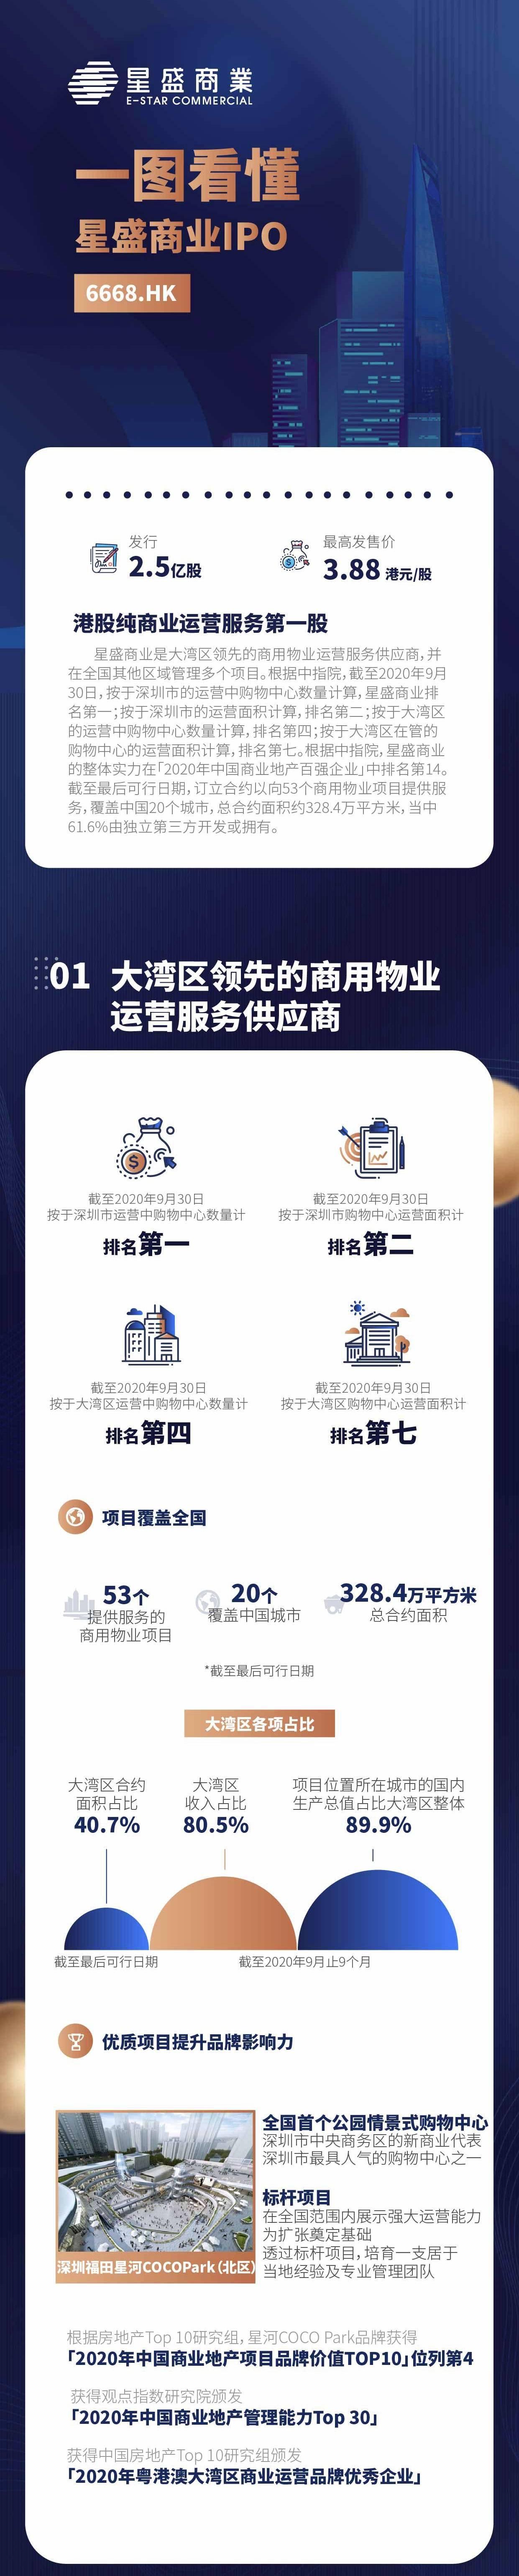 了解盛兴商业的IPO(06668。香港)的照片